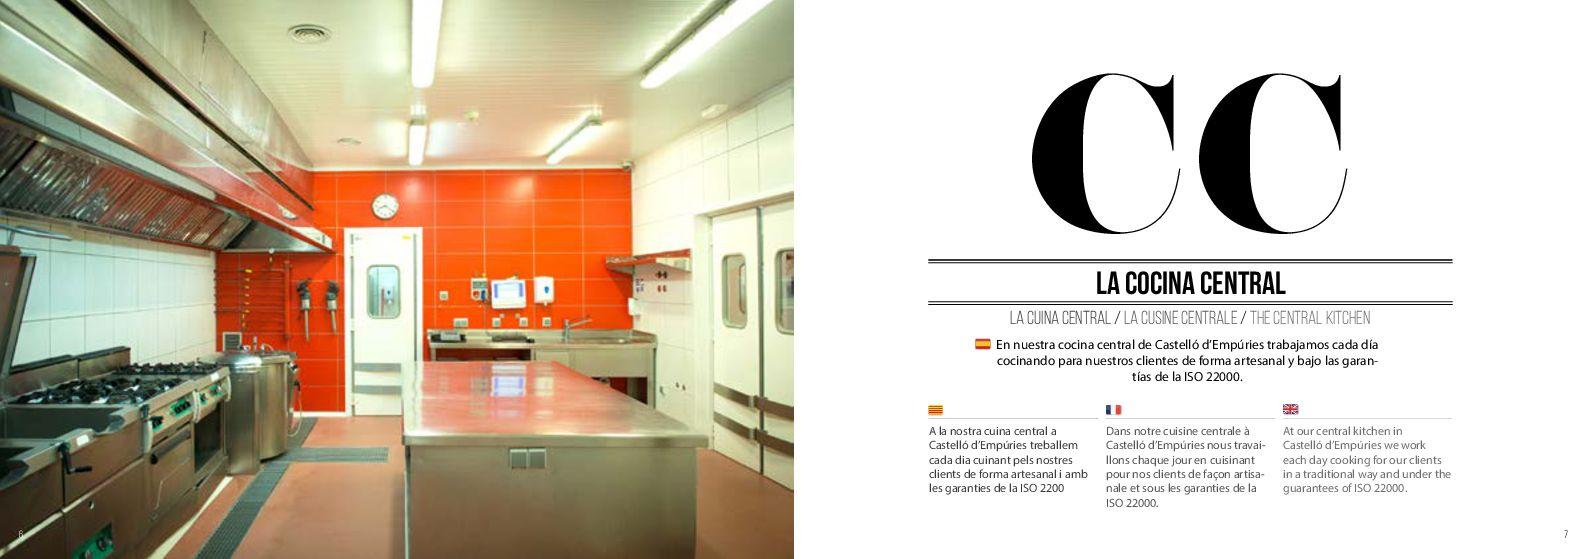 gastronoms - Pàg. 004